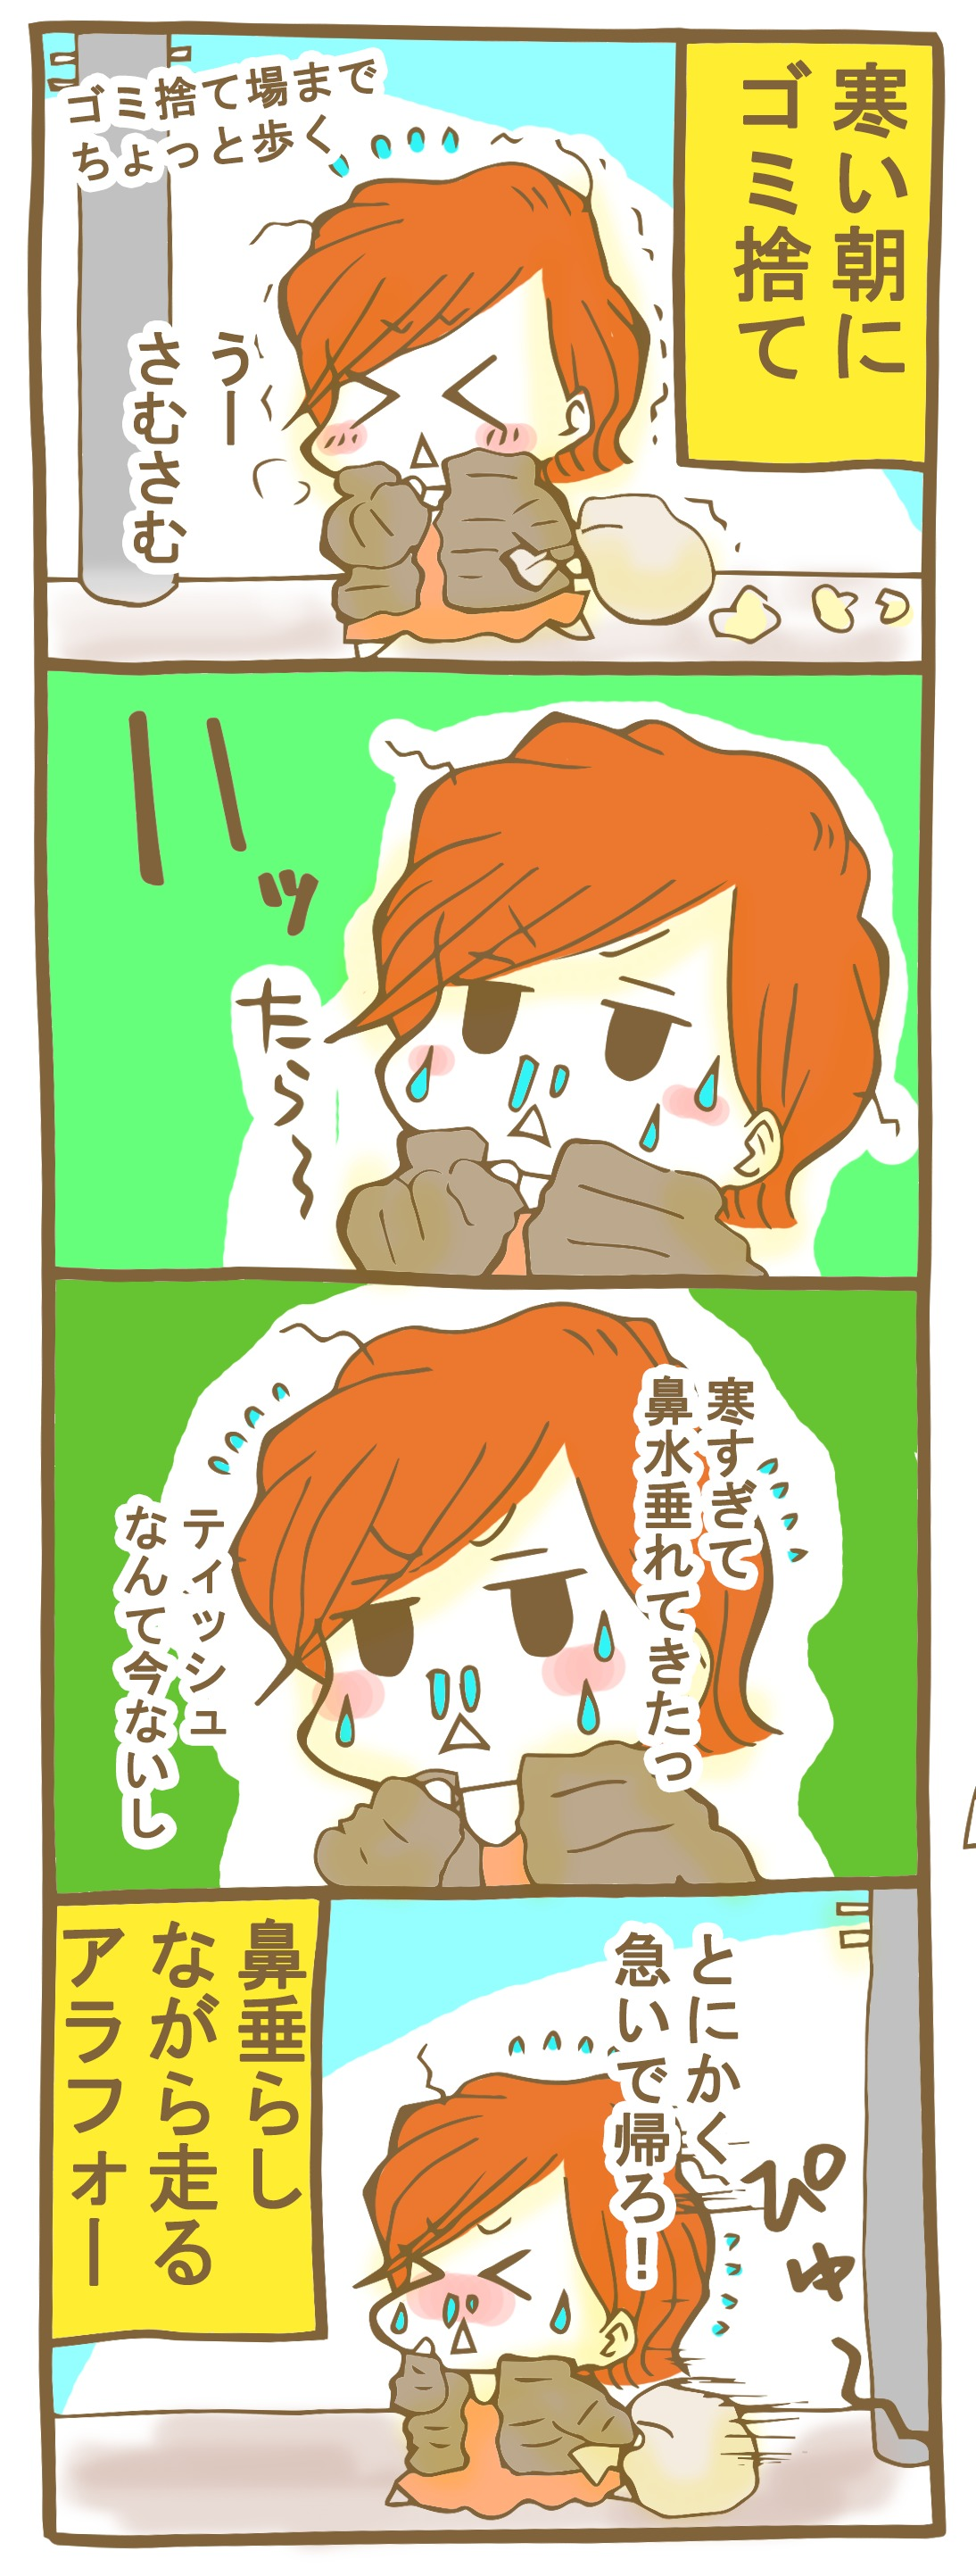 鼻水たれたアラフォーマンガ